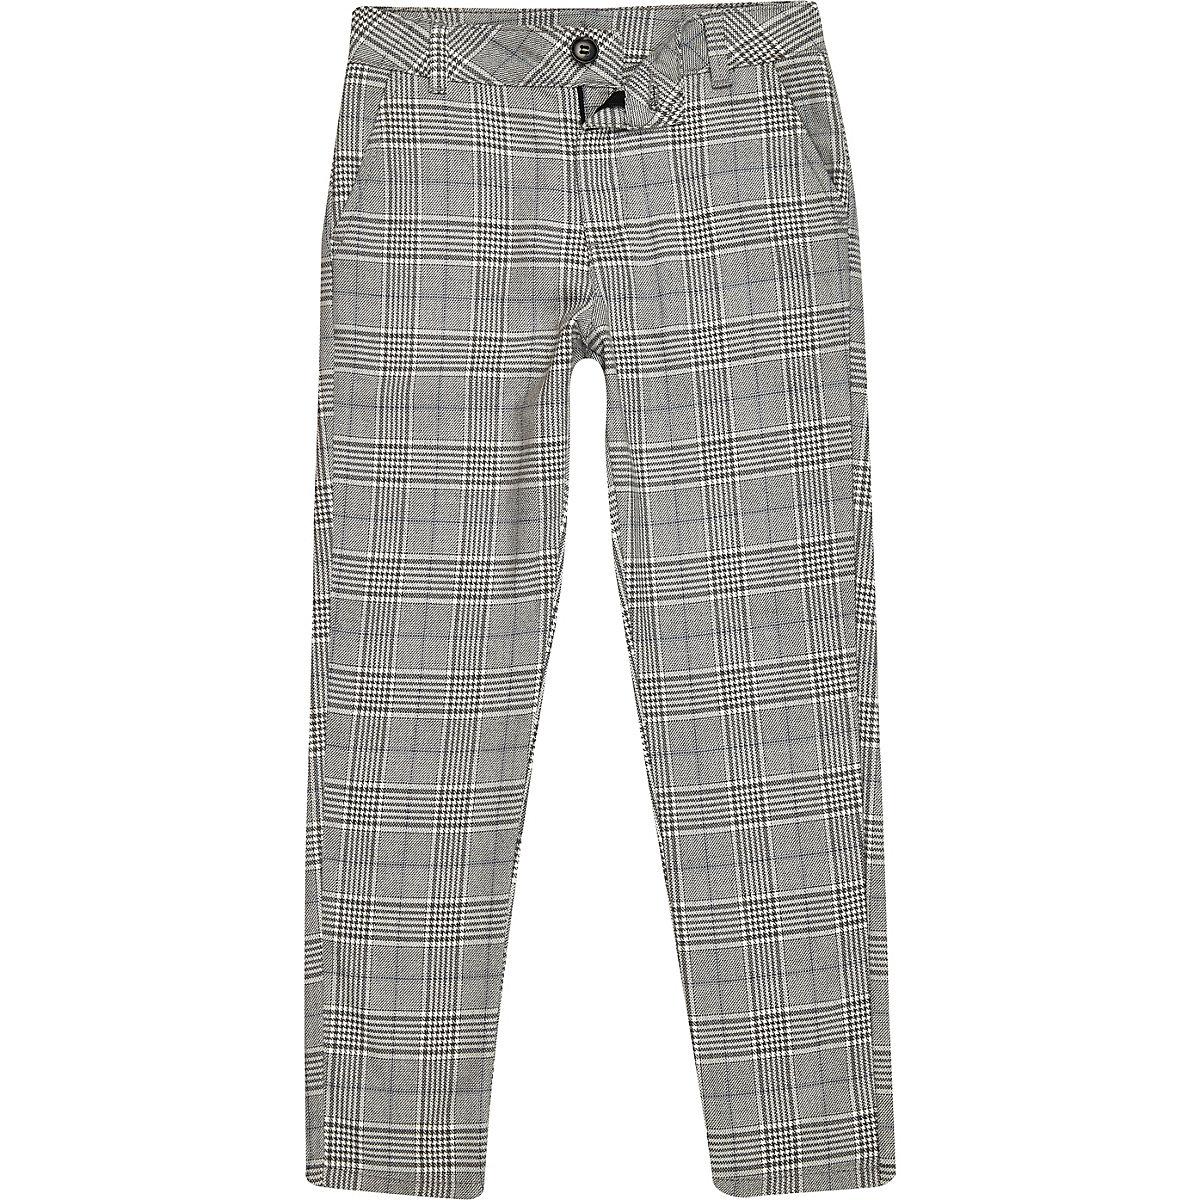 Boys grey check skinny pants